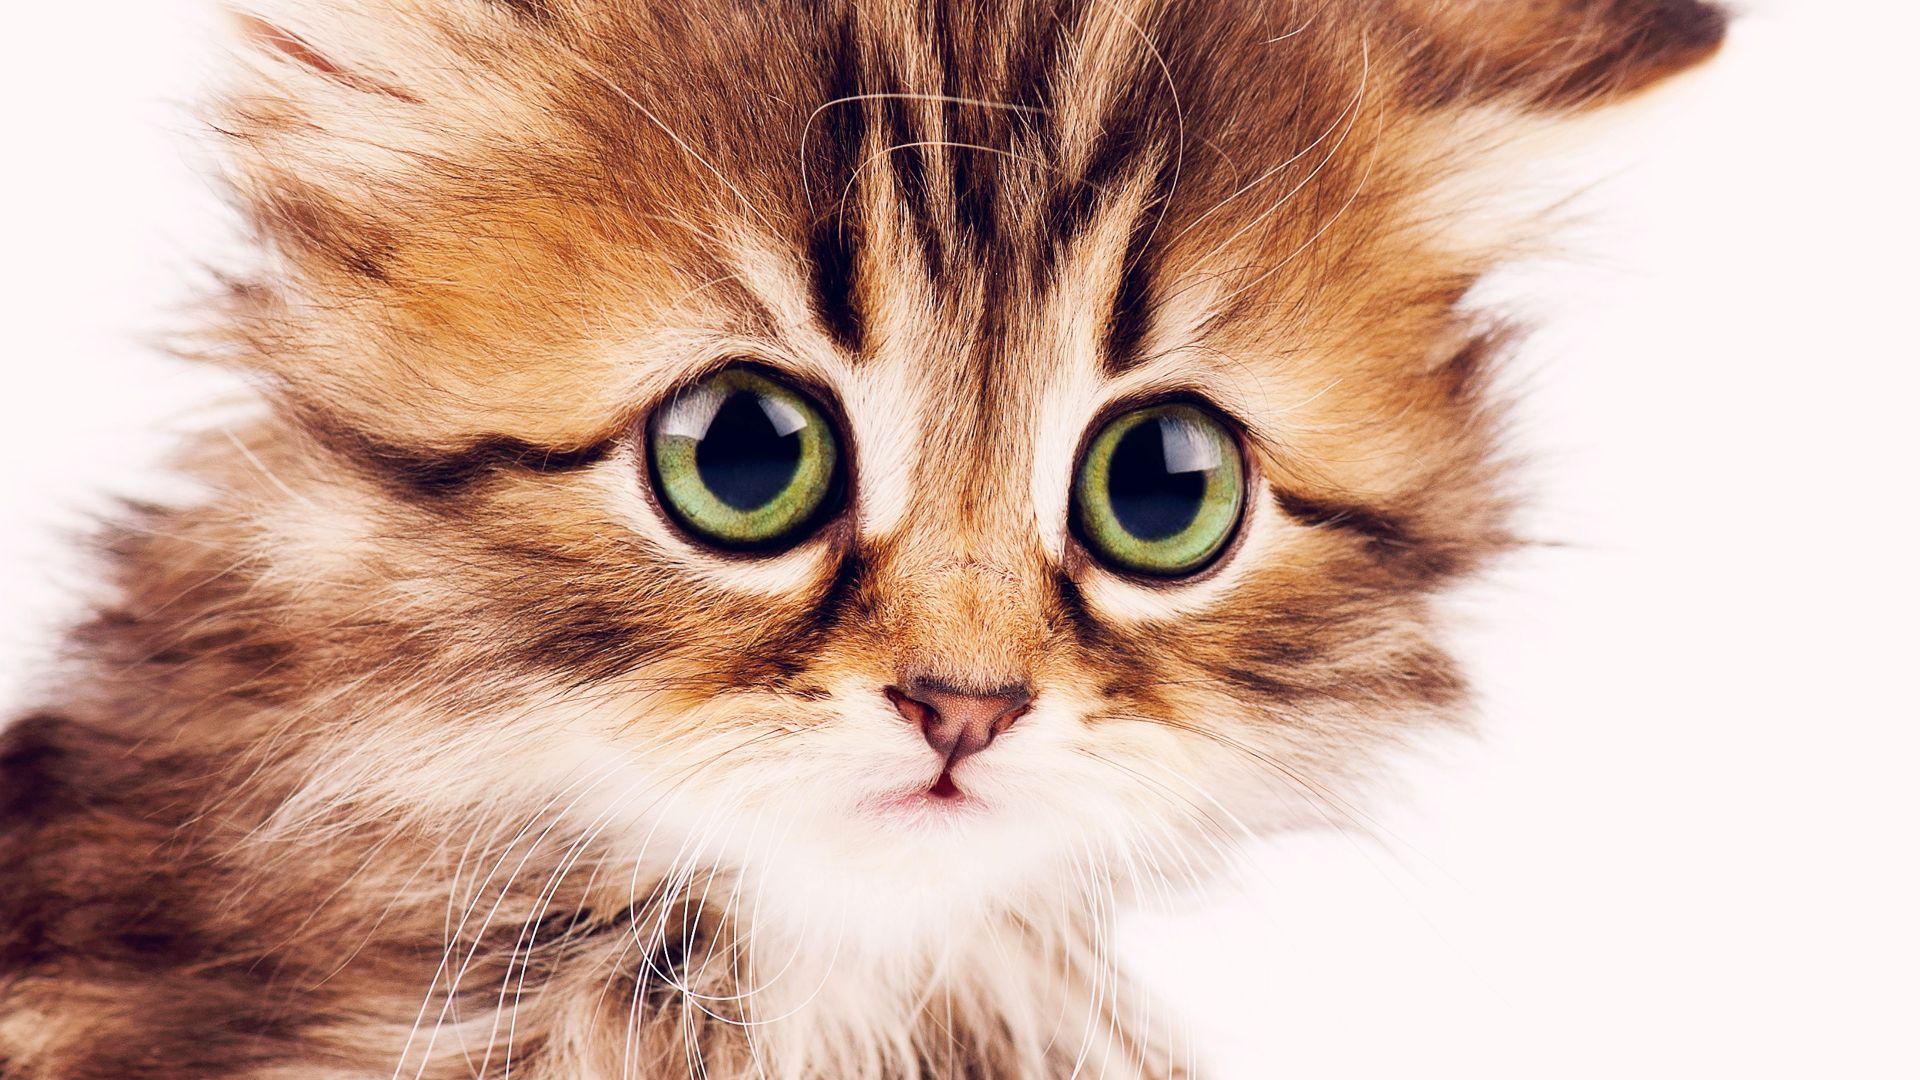 расположение рабочего прикольные котята картинки для айфон есть